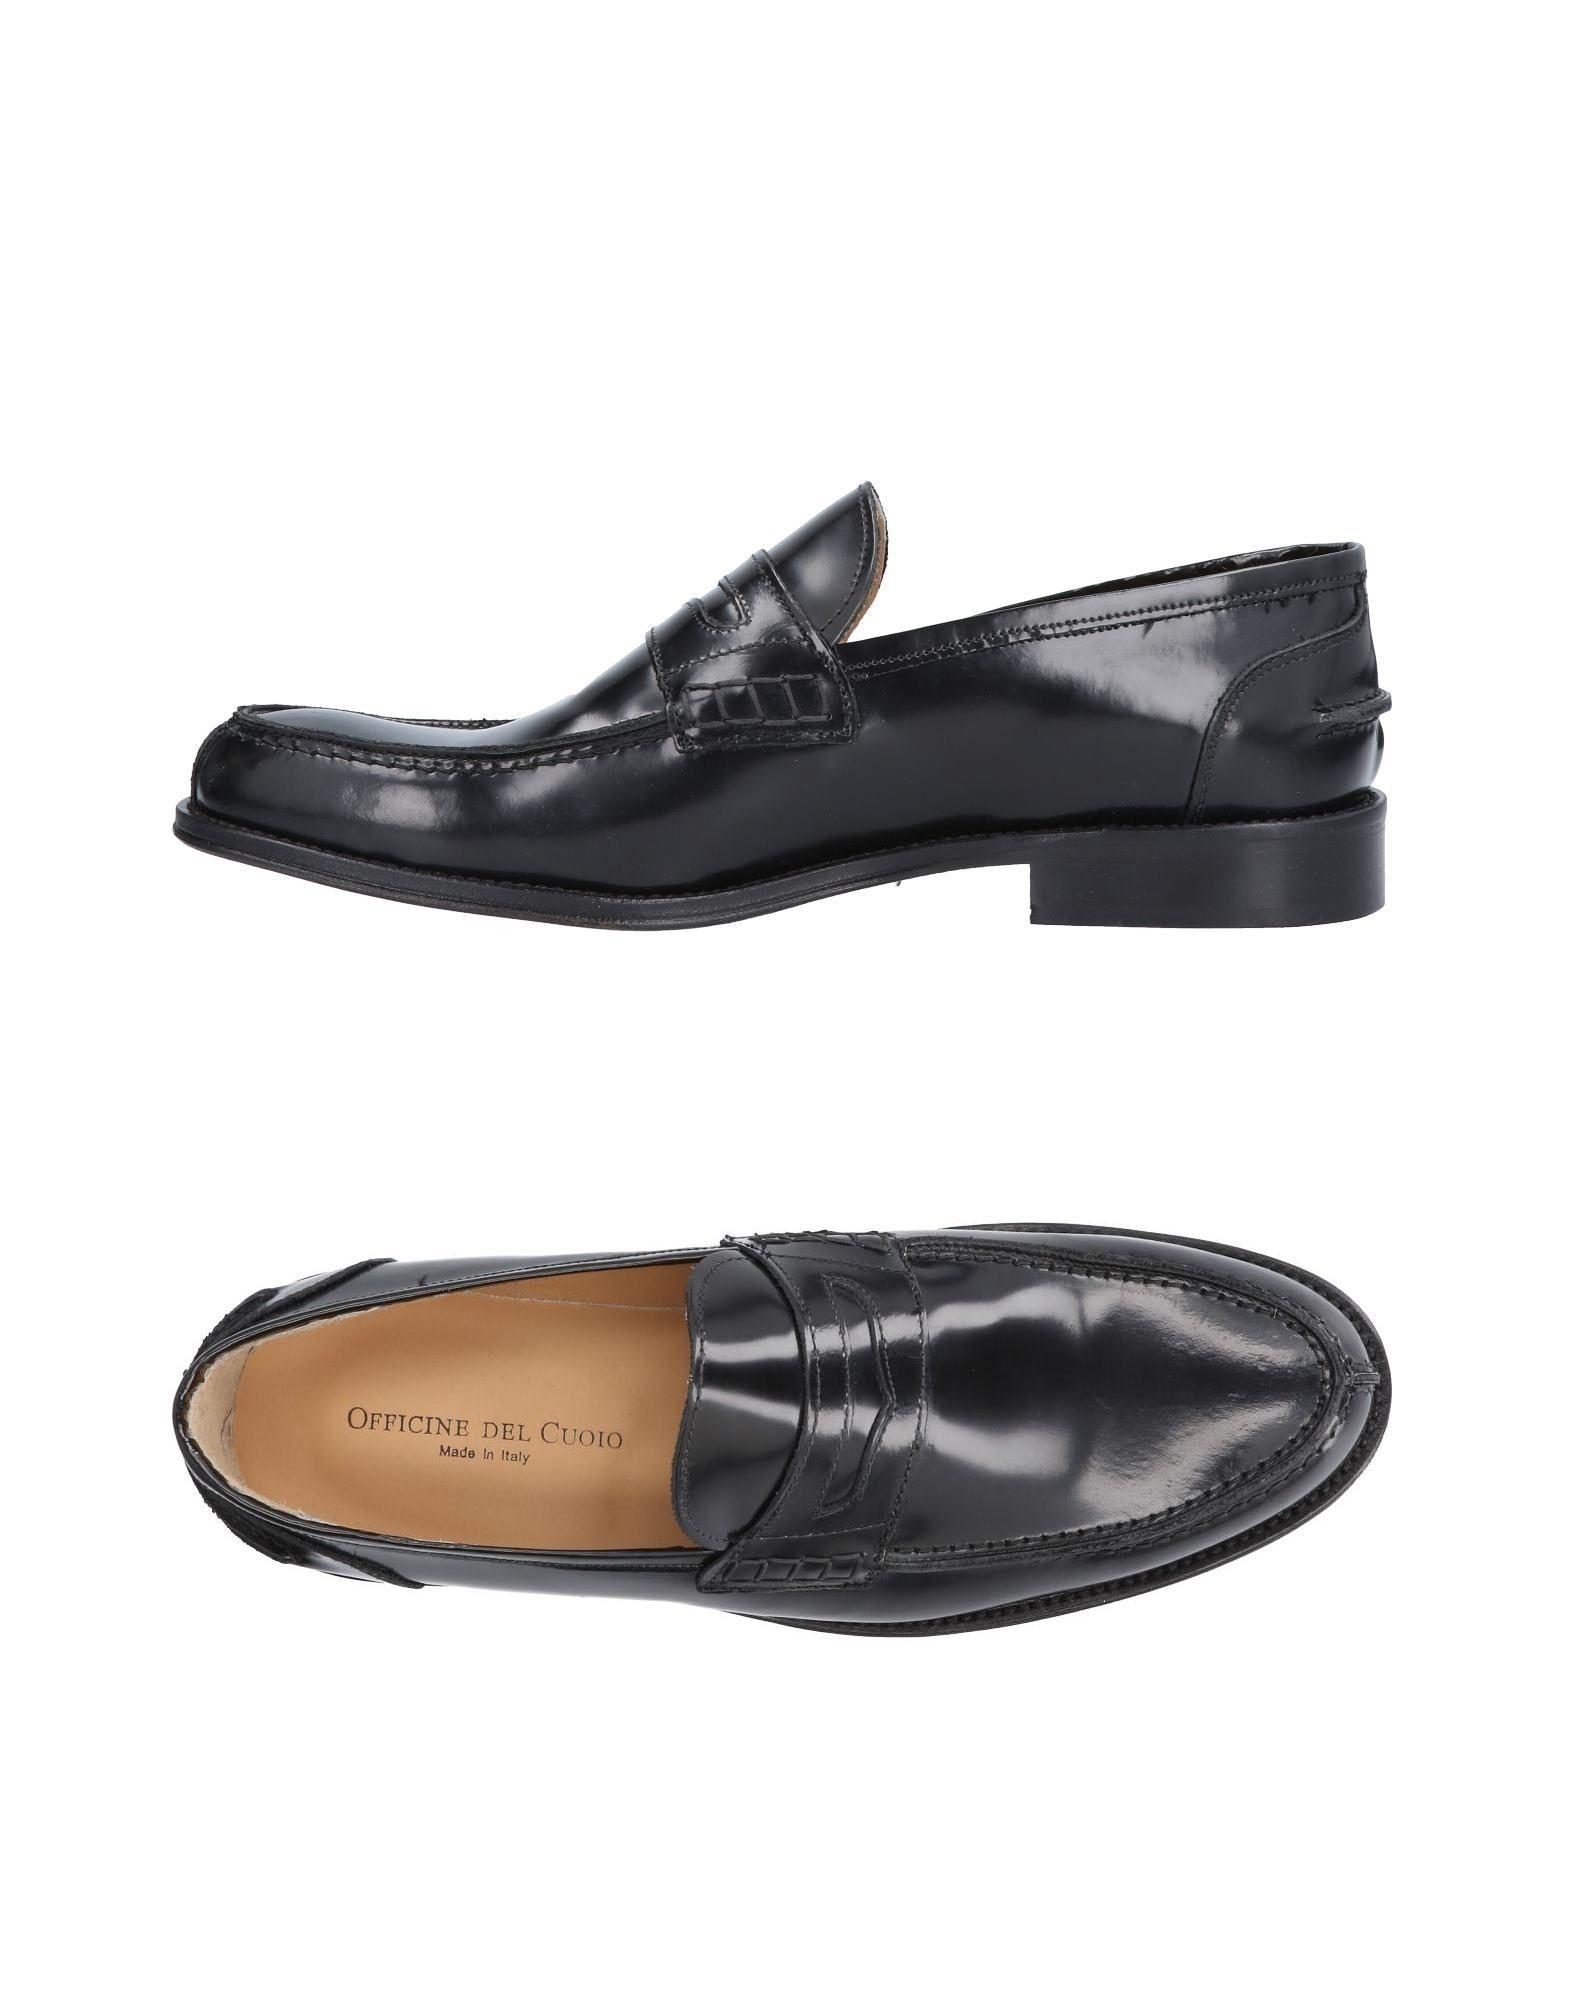 Officine Del Cuoio Loafers Cuoio - Men Officine Del Cuoio Loafers Loafers online on  United Kingdom - 11485047FC 4d5dda